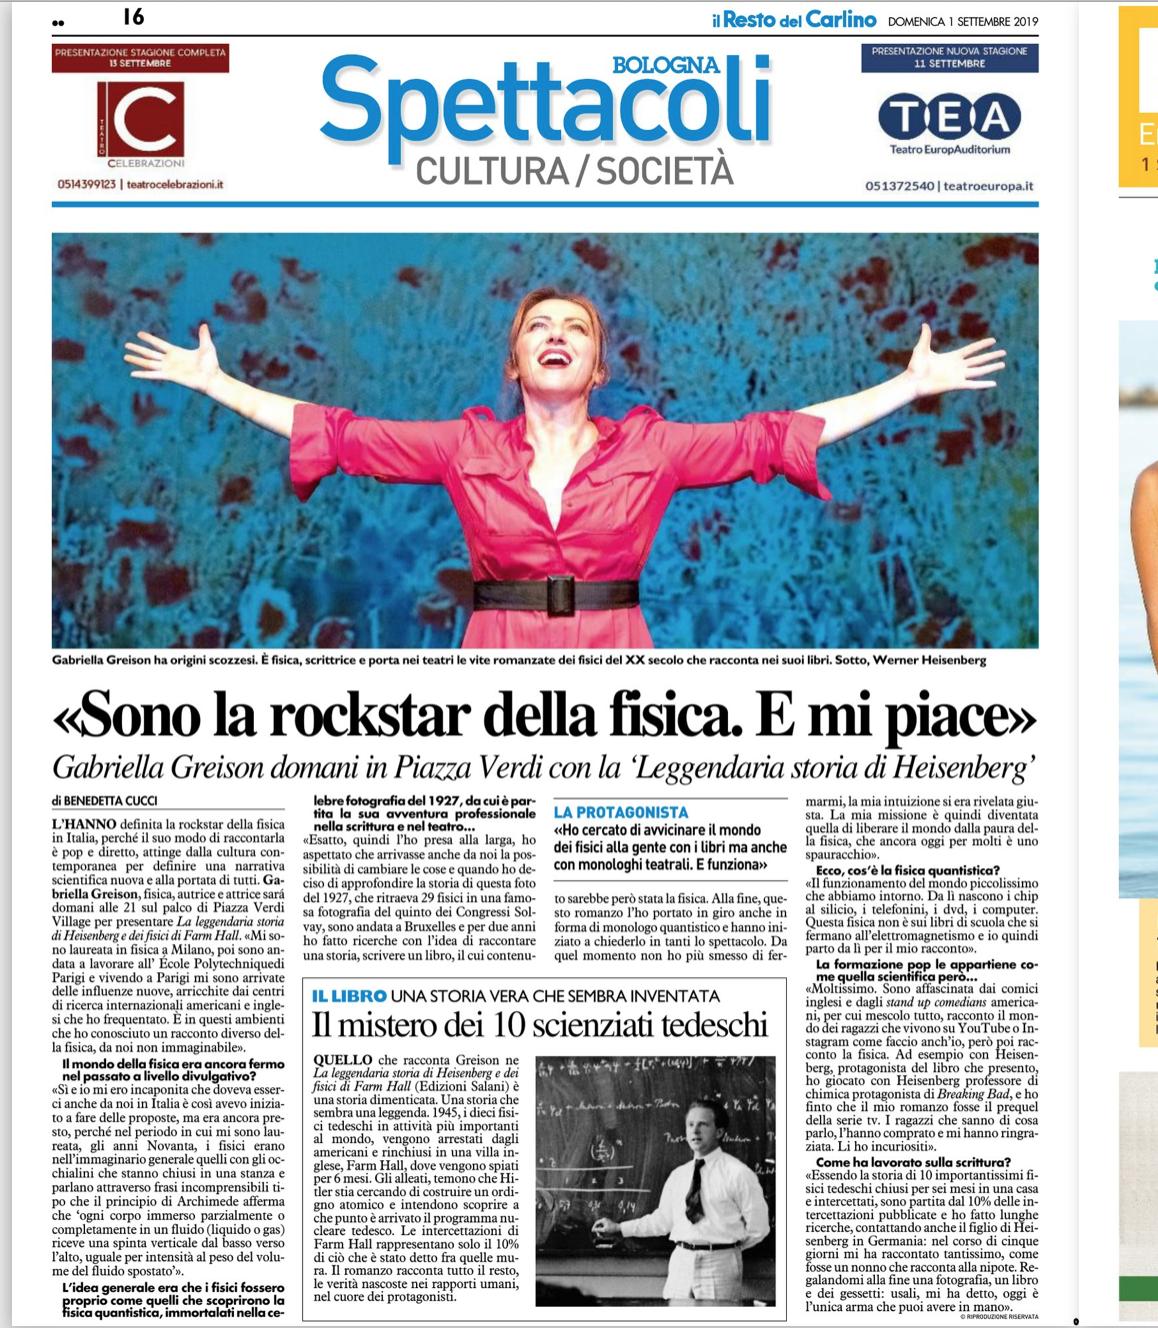 Oggi sul quotidiano il Resto del Carlino di Bologna una pagina bellissima…grazie! Tante date con LA LEGGENDARIA STORIA DI HEISENBERG E DEI FISICI DI FARM HALL…